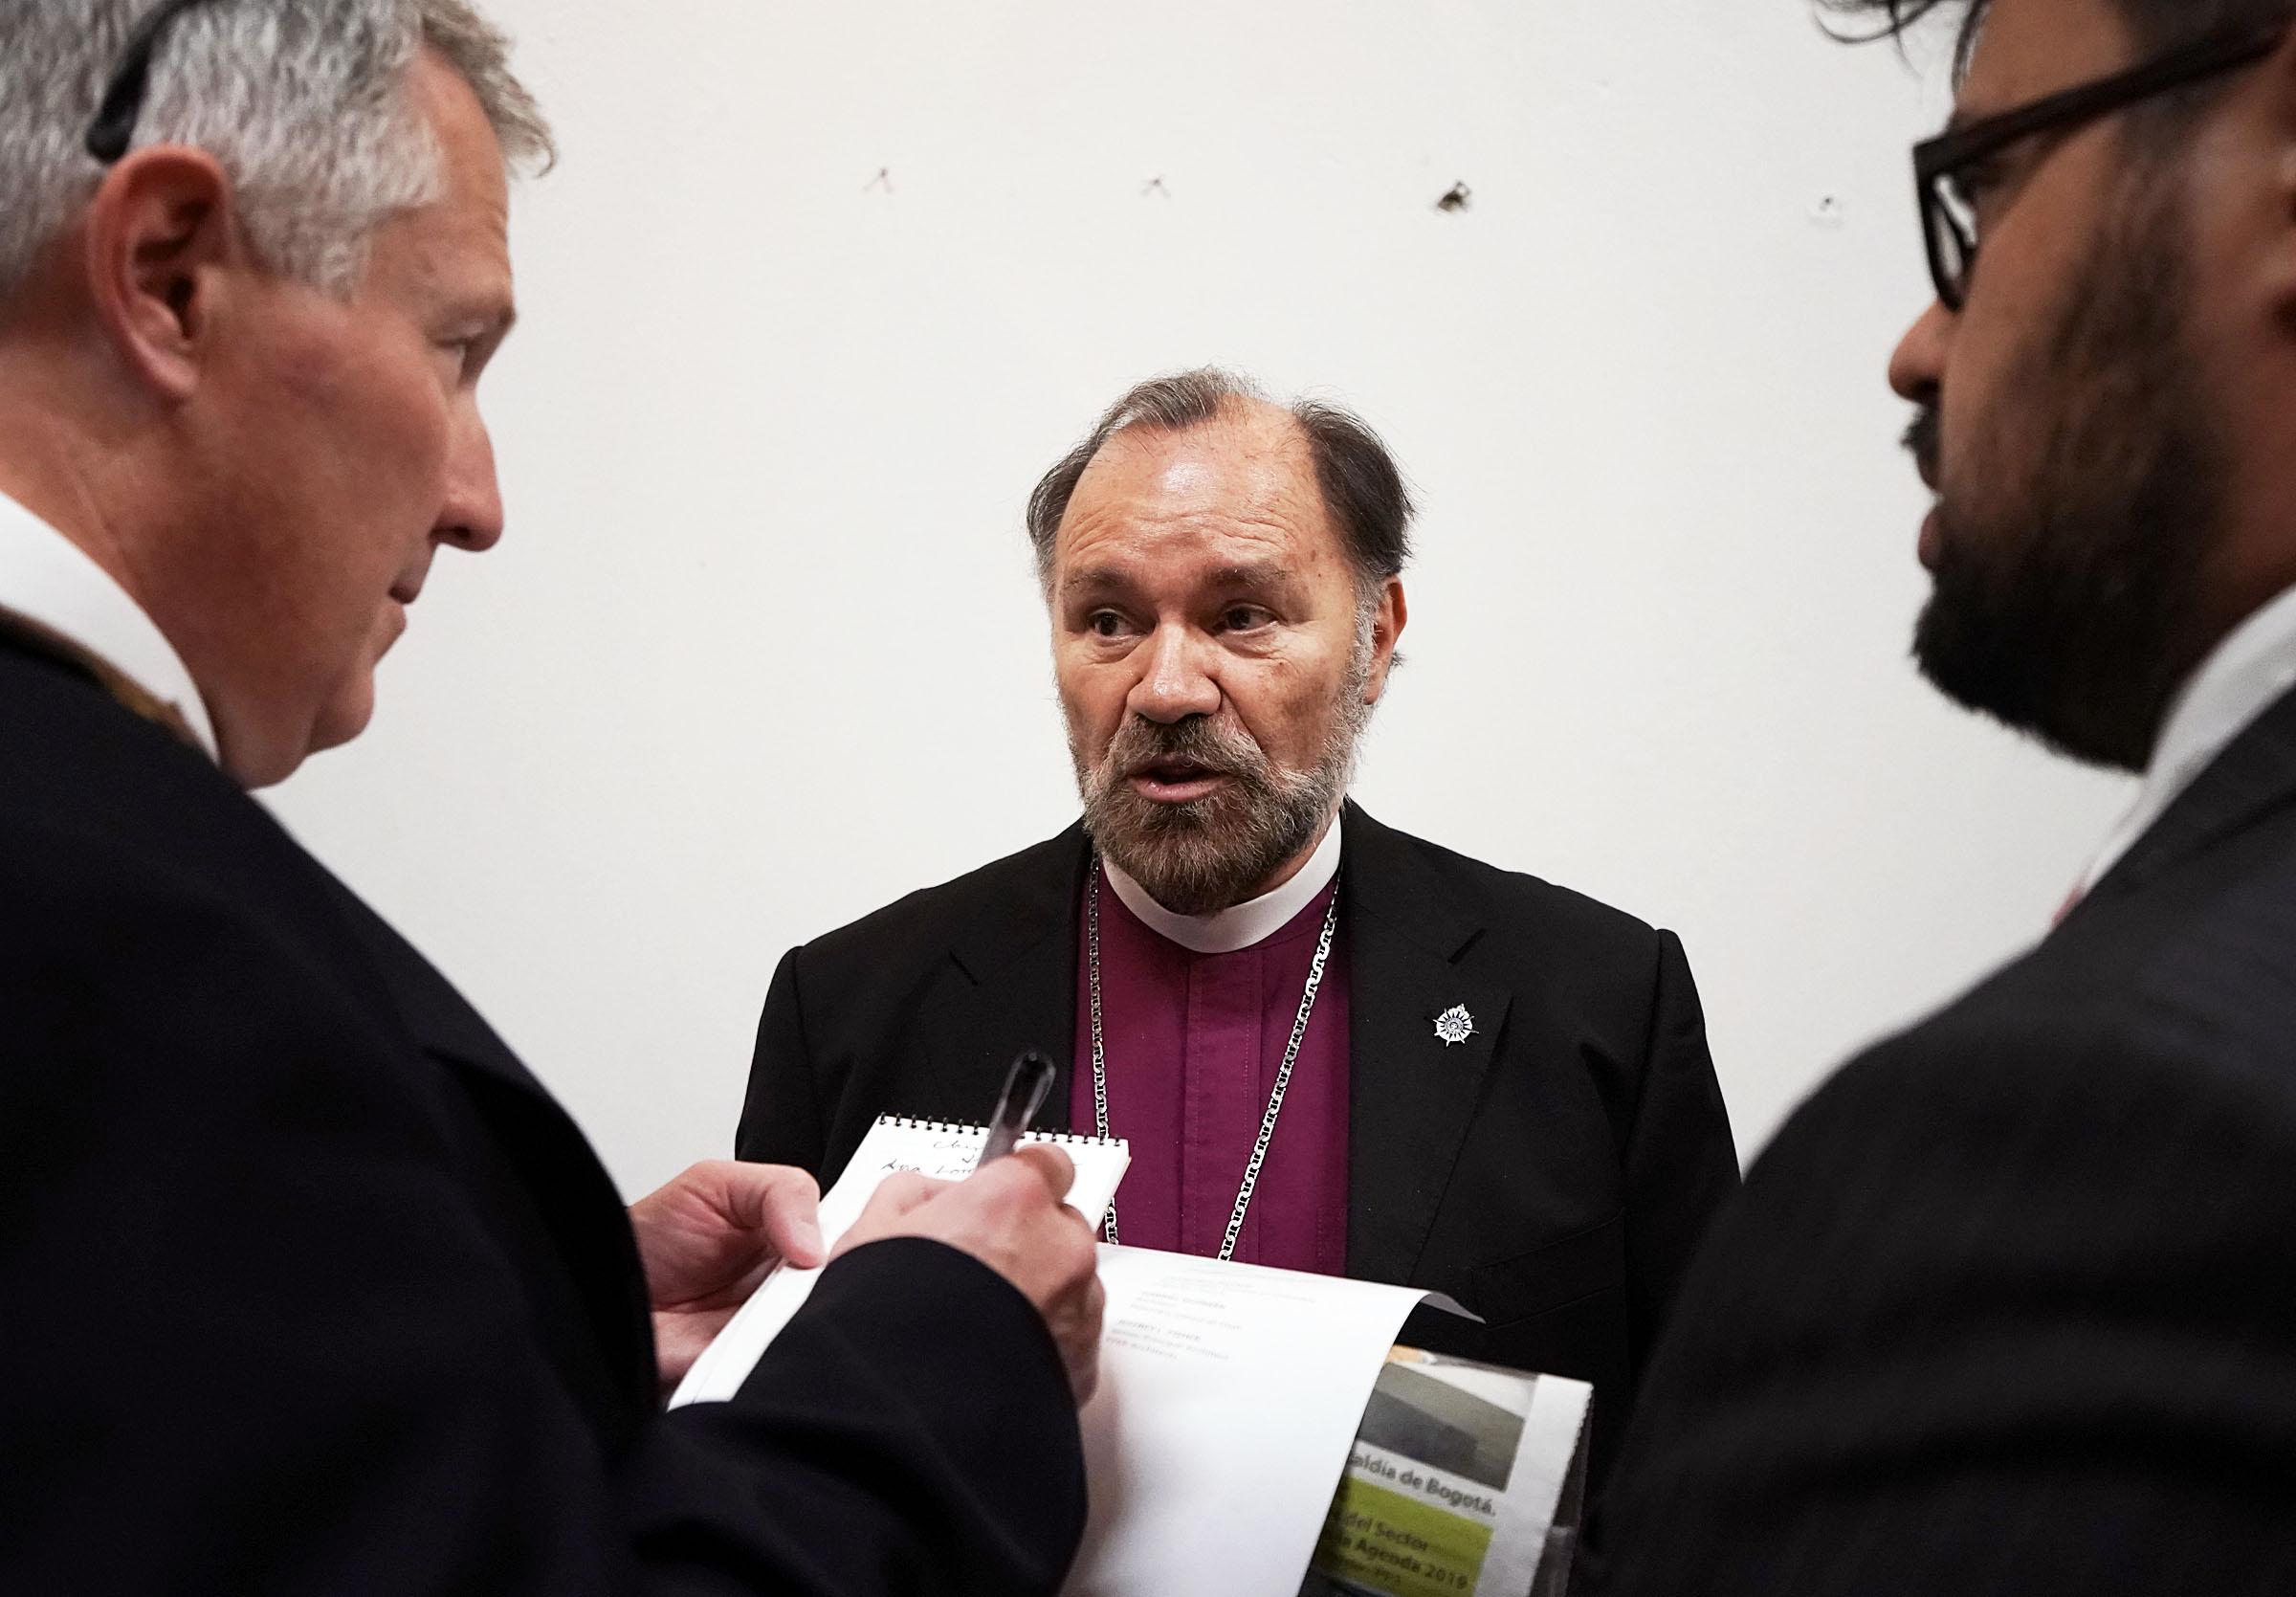 Monseñor Francisco Duque, obispo de la Iglesia Episcopal en Colombia, es entrevistado antes de un devocional de la gira ministerial latinoamericanal en Bogotá, Colombia, el domingo 25 de agosto de 2019.